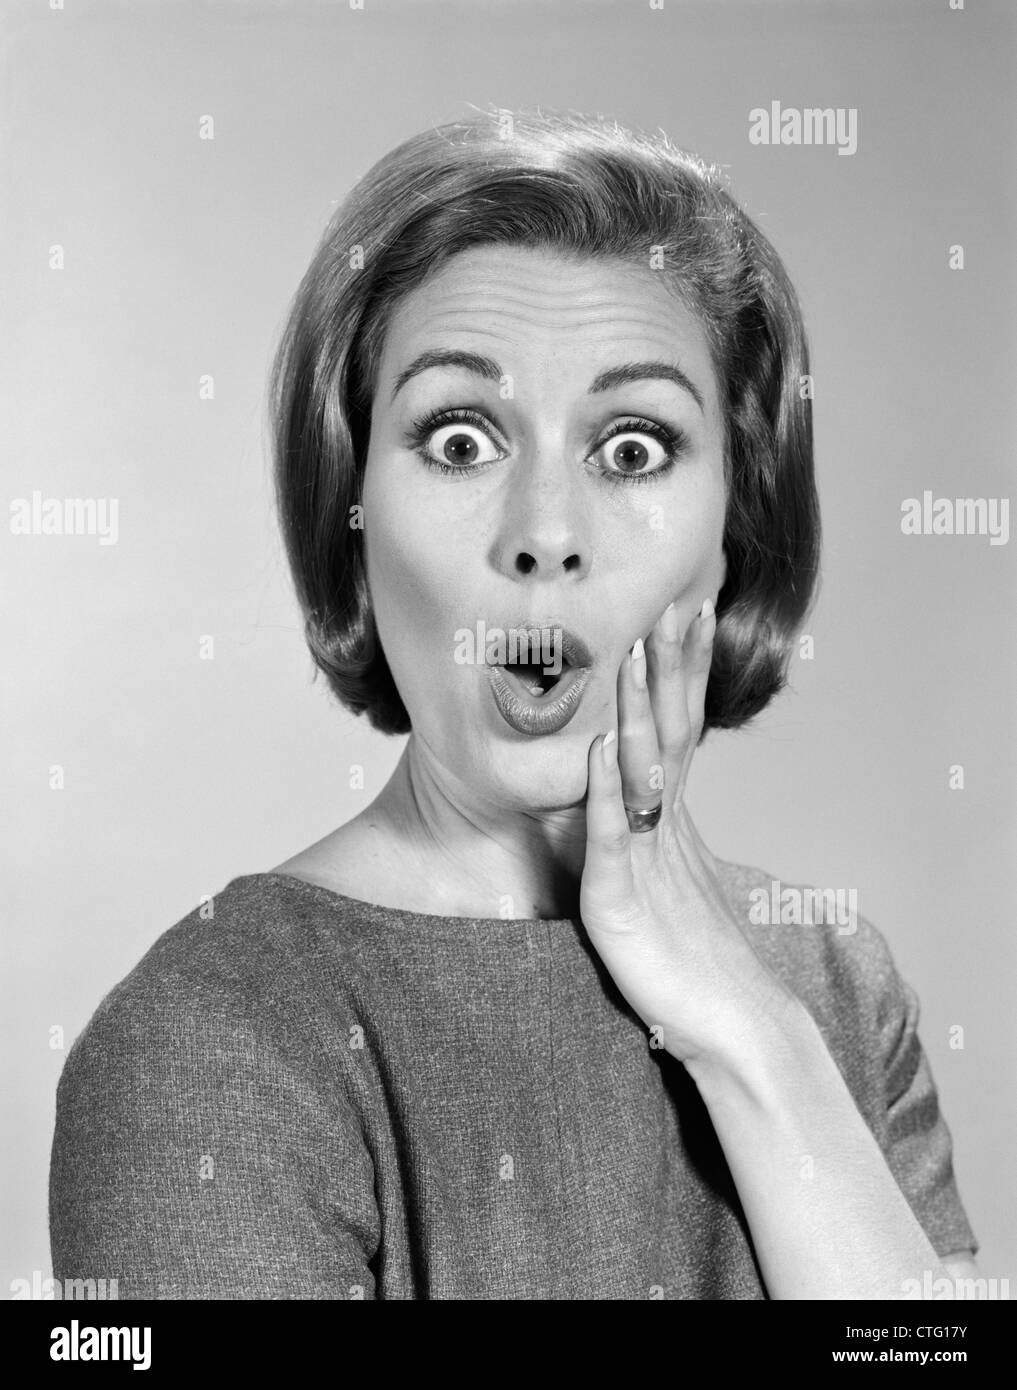 1960 Retrato MUJER CON LA MANO en la mejilla mirando a la cámara con conmocionado expresión Imagen De Stock